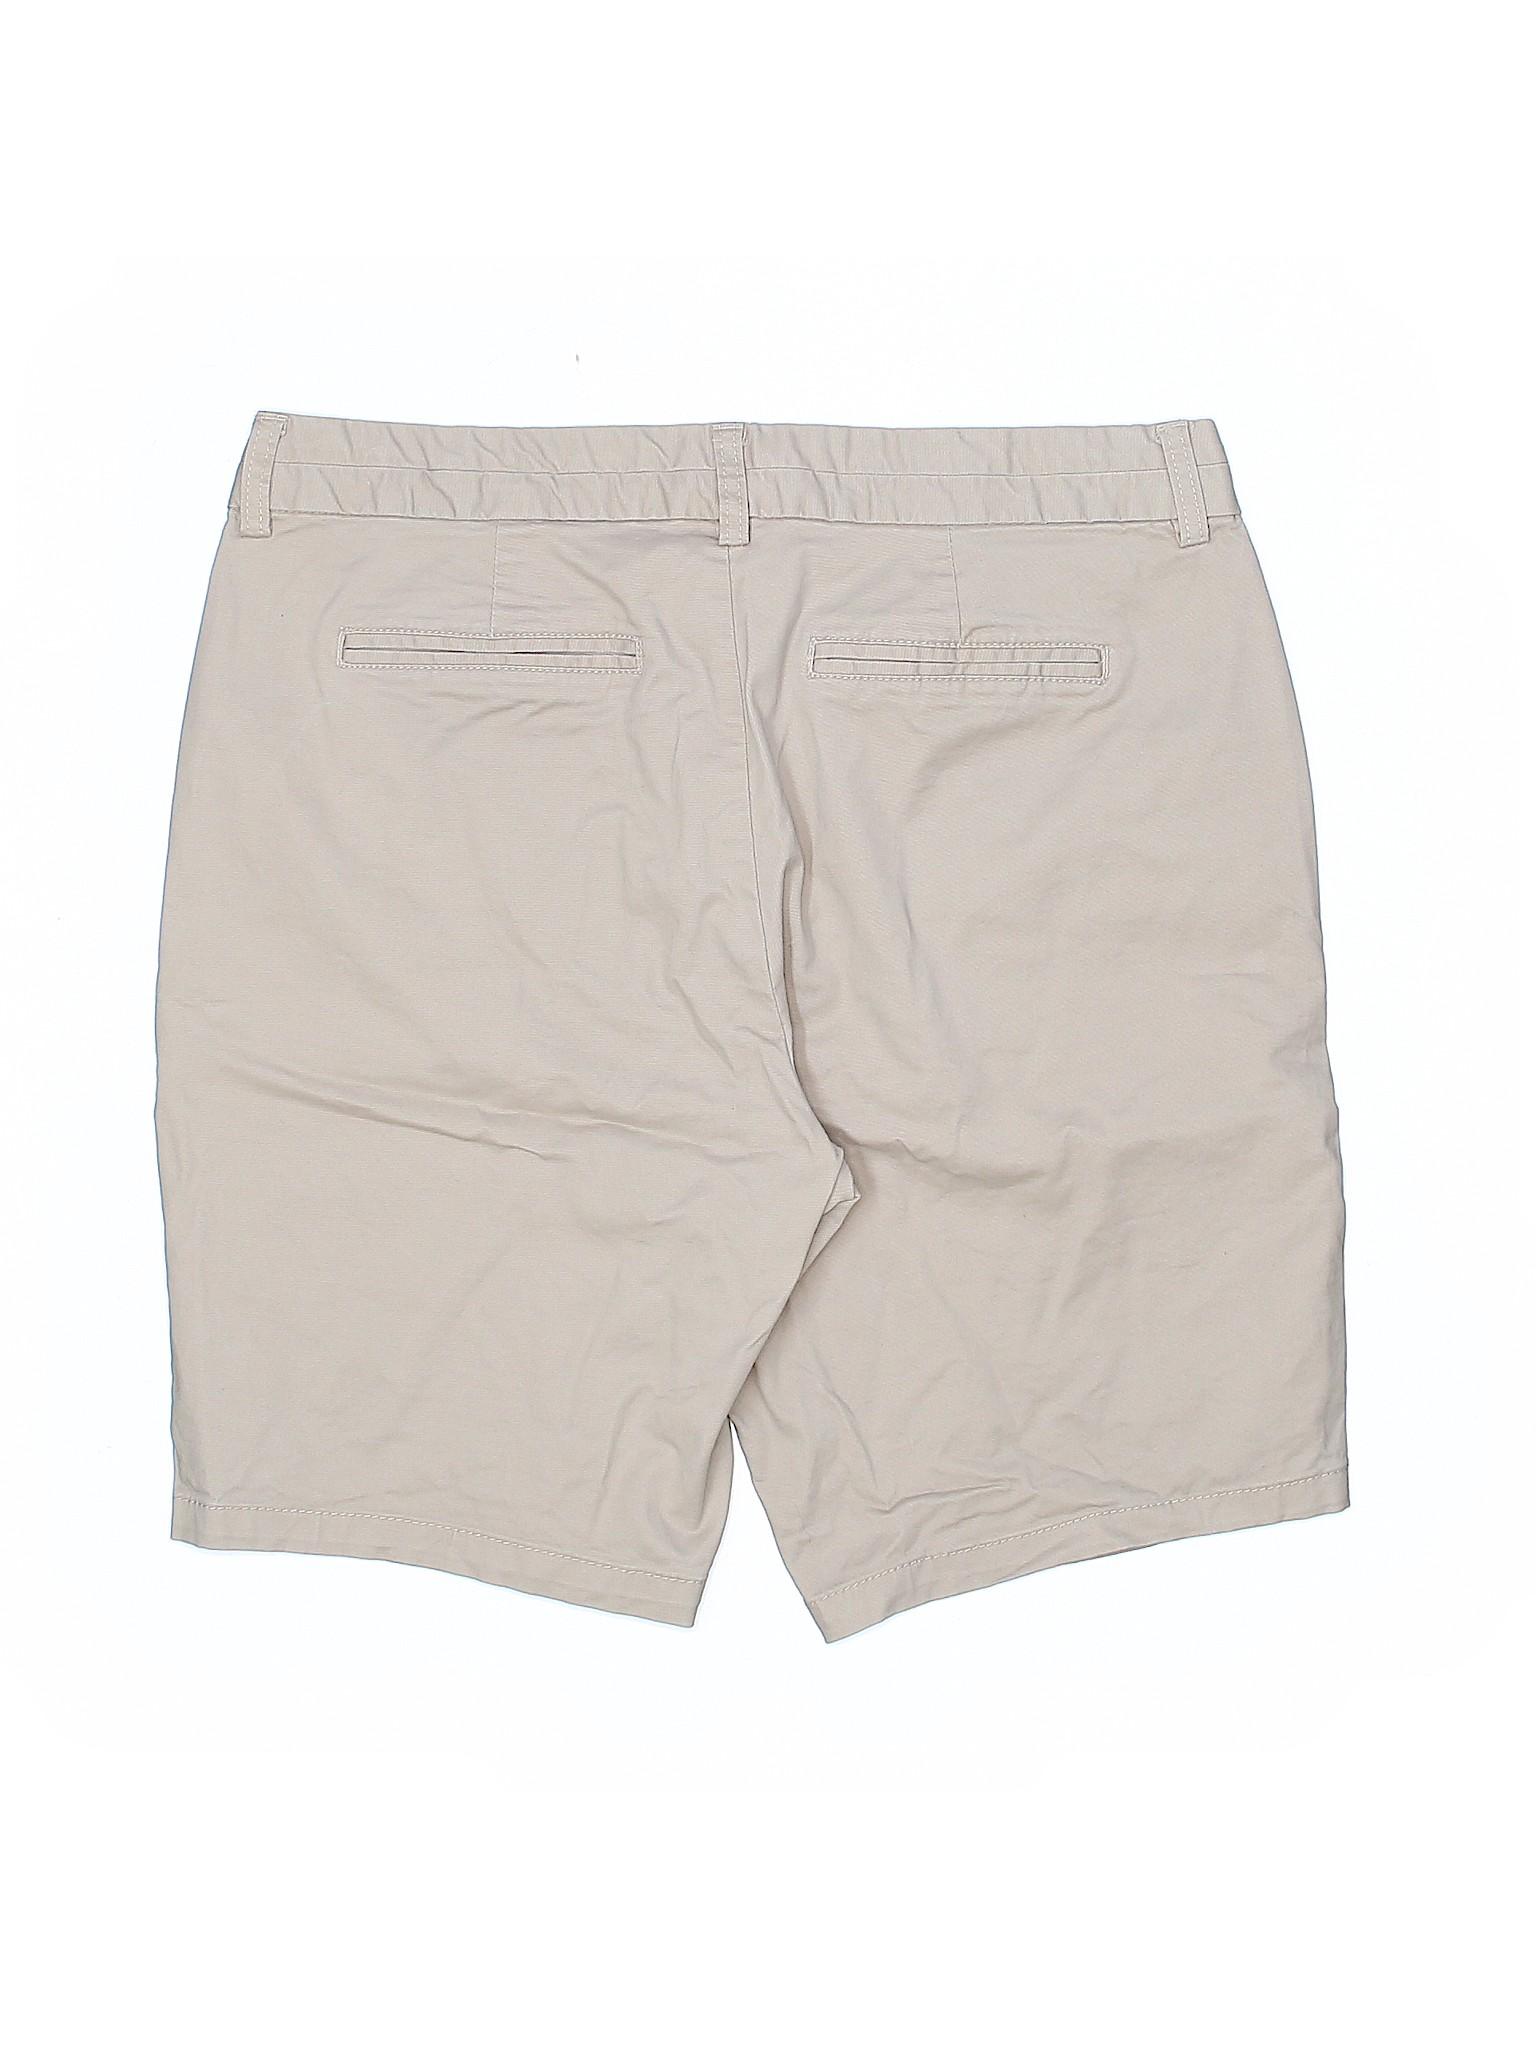 Khaki Boutique Outlet Gap Gap Shorts Outlet Boutique zwqHqF